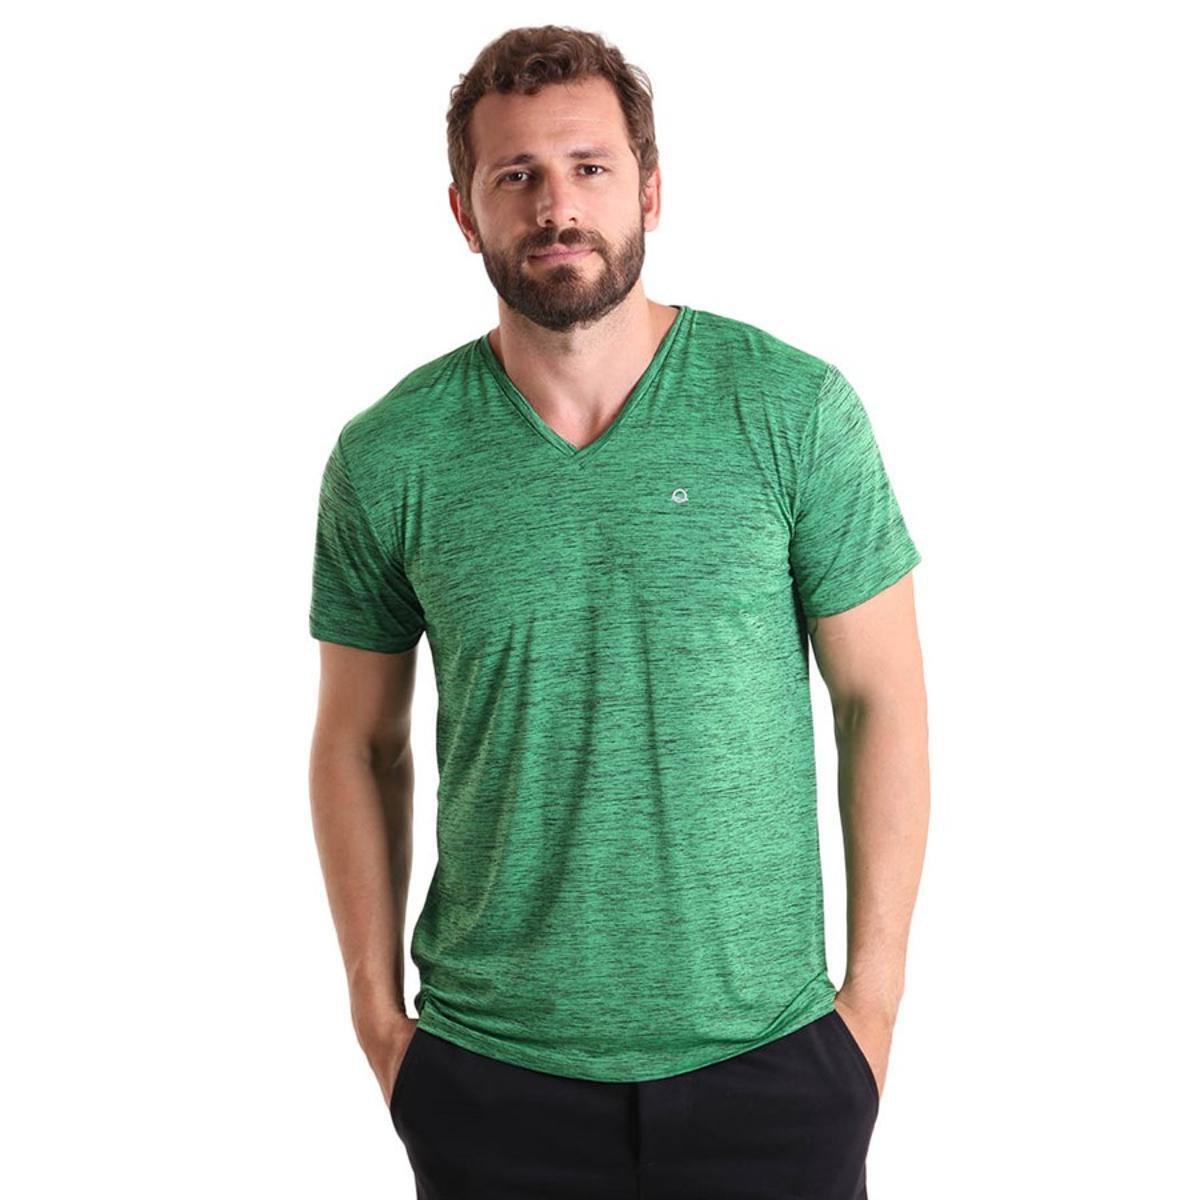 65ab5d878 Camiseta Masculina gola V Mescla - Verde - Compre Agora